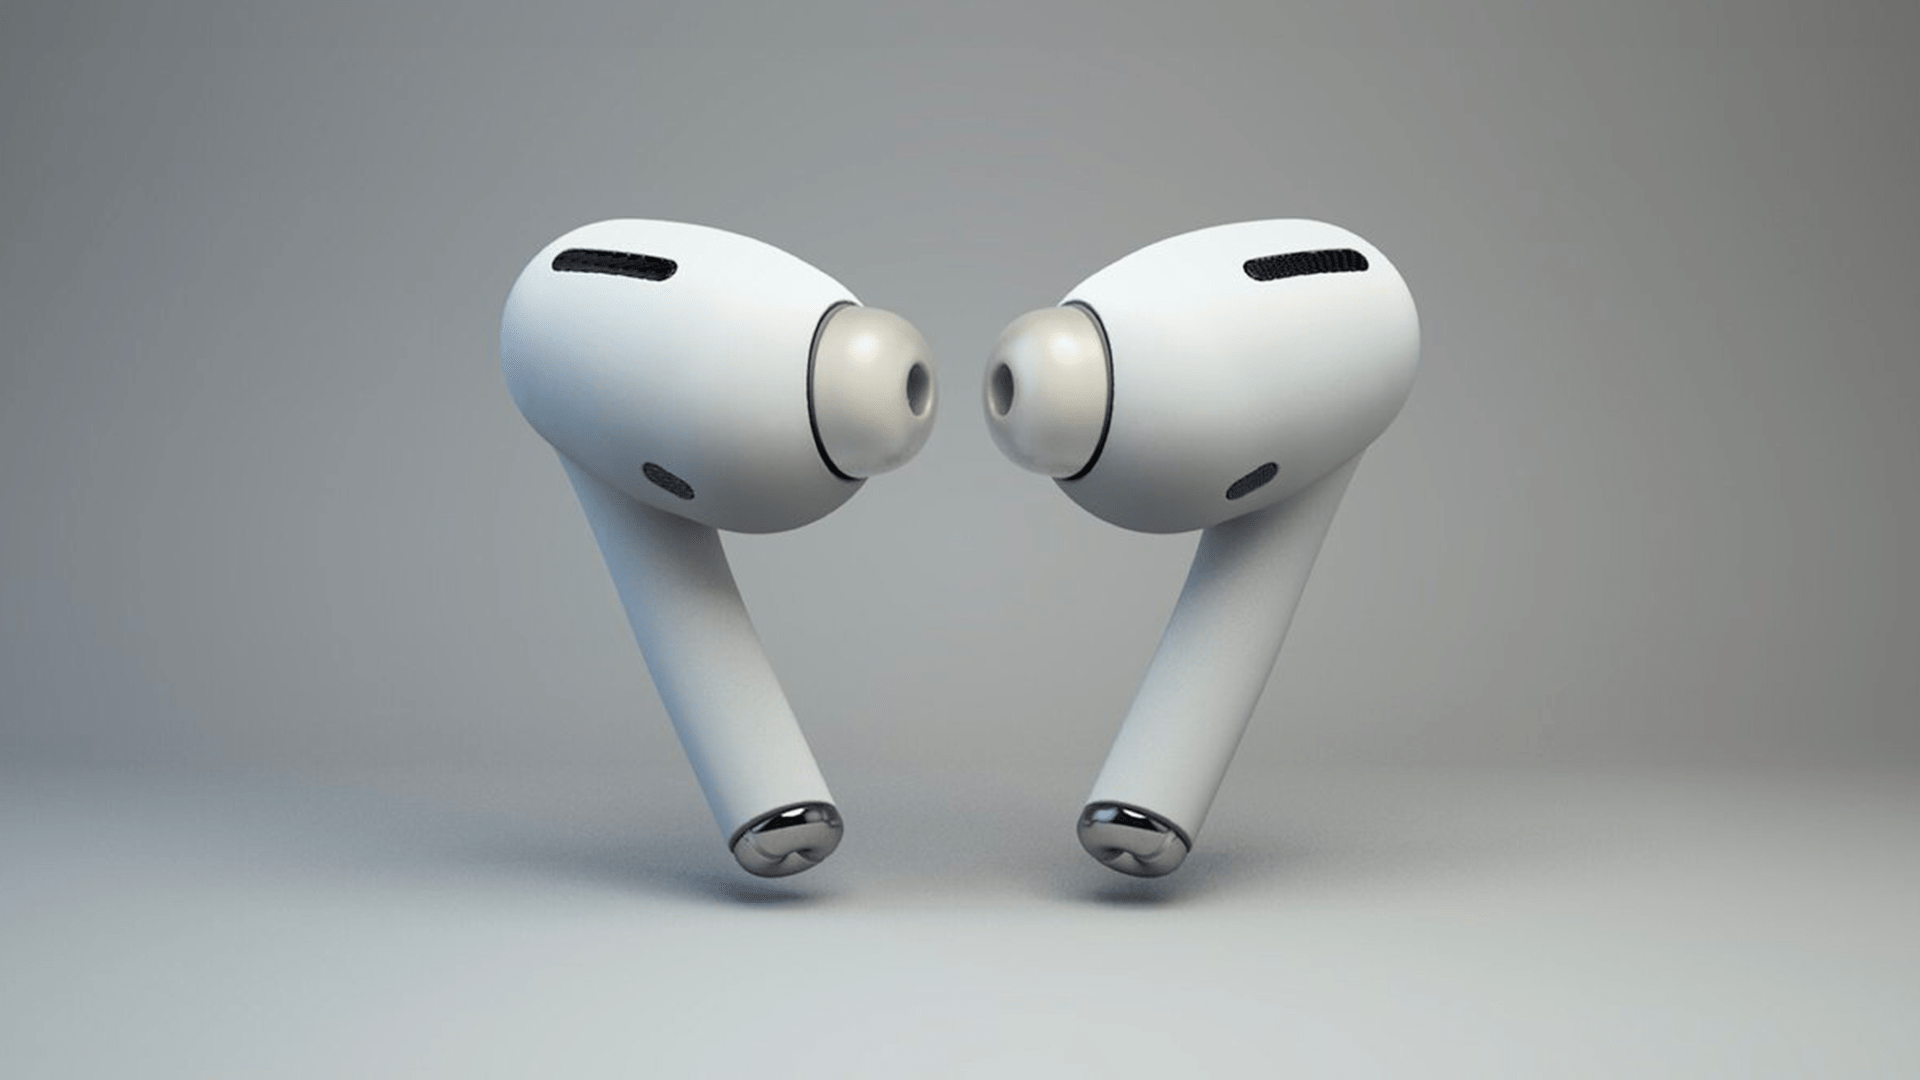 iOS 13.2'de keşfedilen yeni simge ile Konsept Yeni Airpods